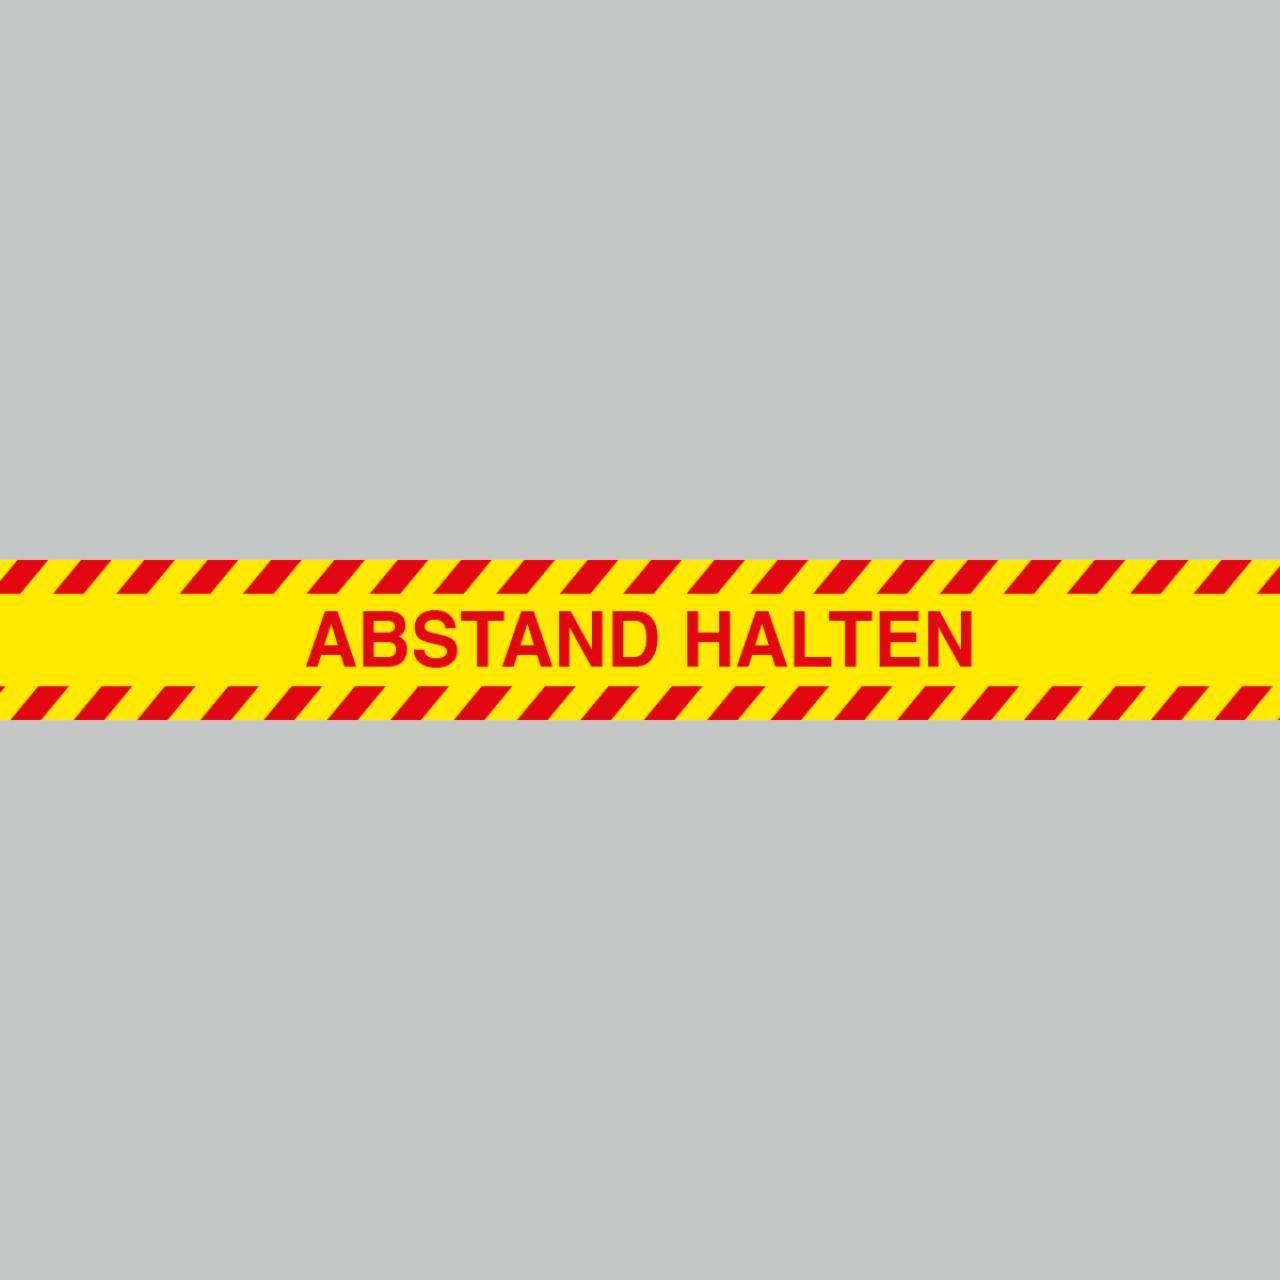 Fußbodenaufkleber rot-gelb, Streifen, 120x15cm – Abstand halten